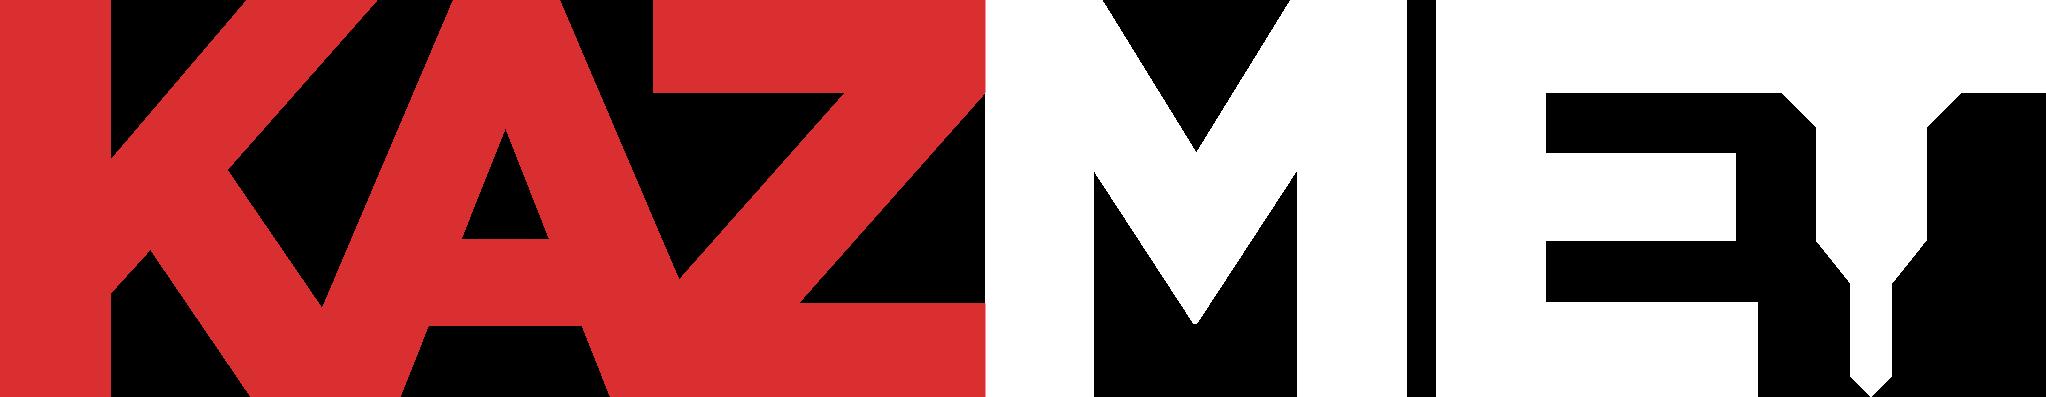 KAZMET